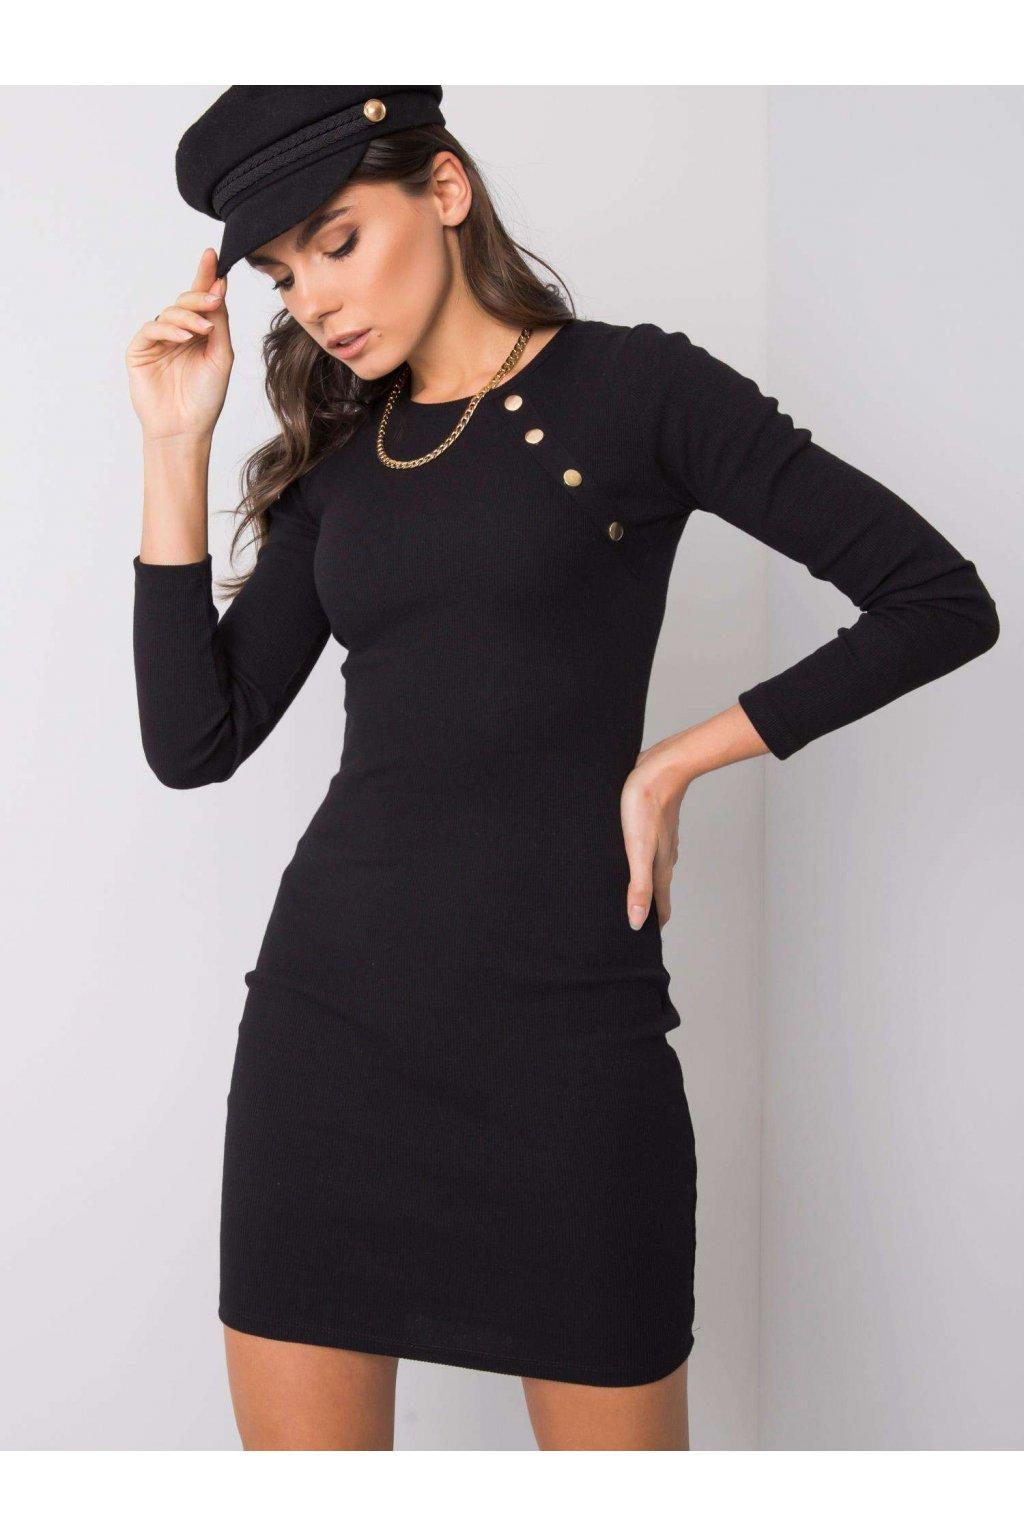 pol pl Czarna sukienka Madlene RUE PARIS 358873 1